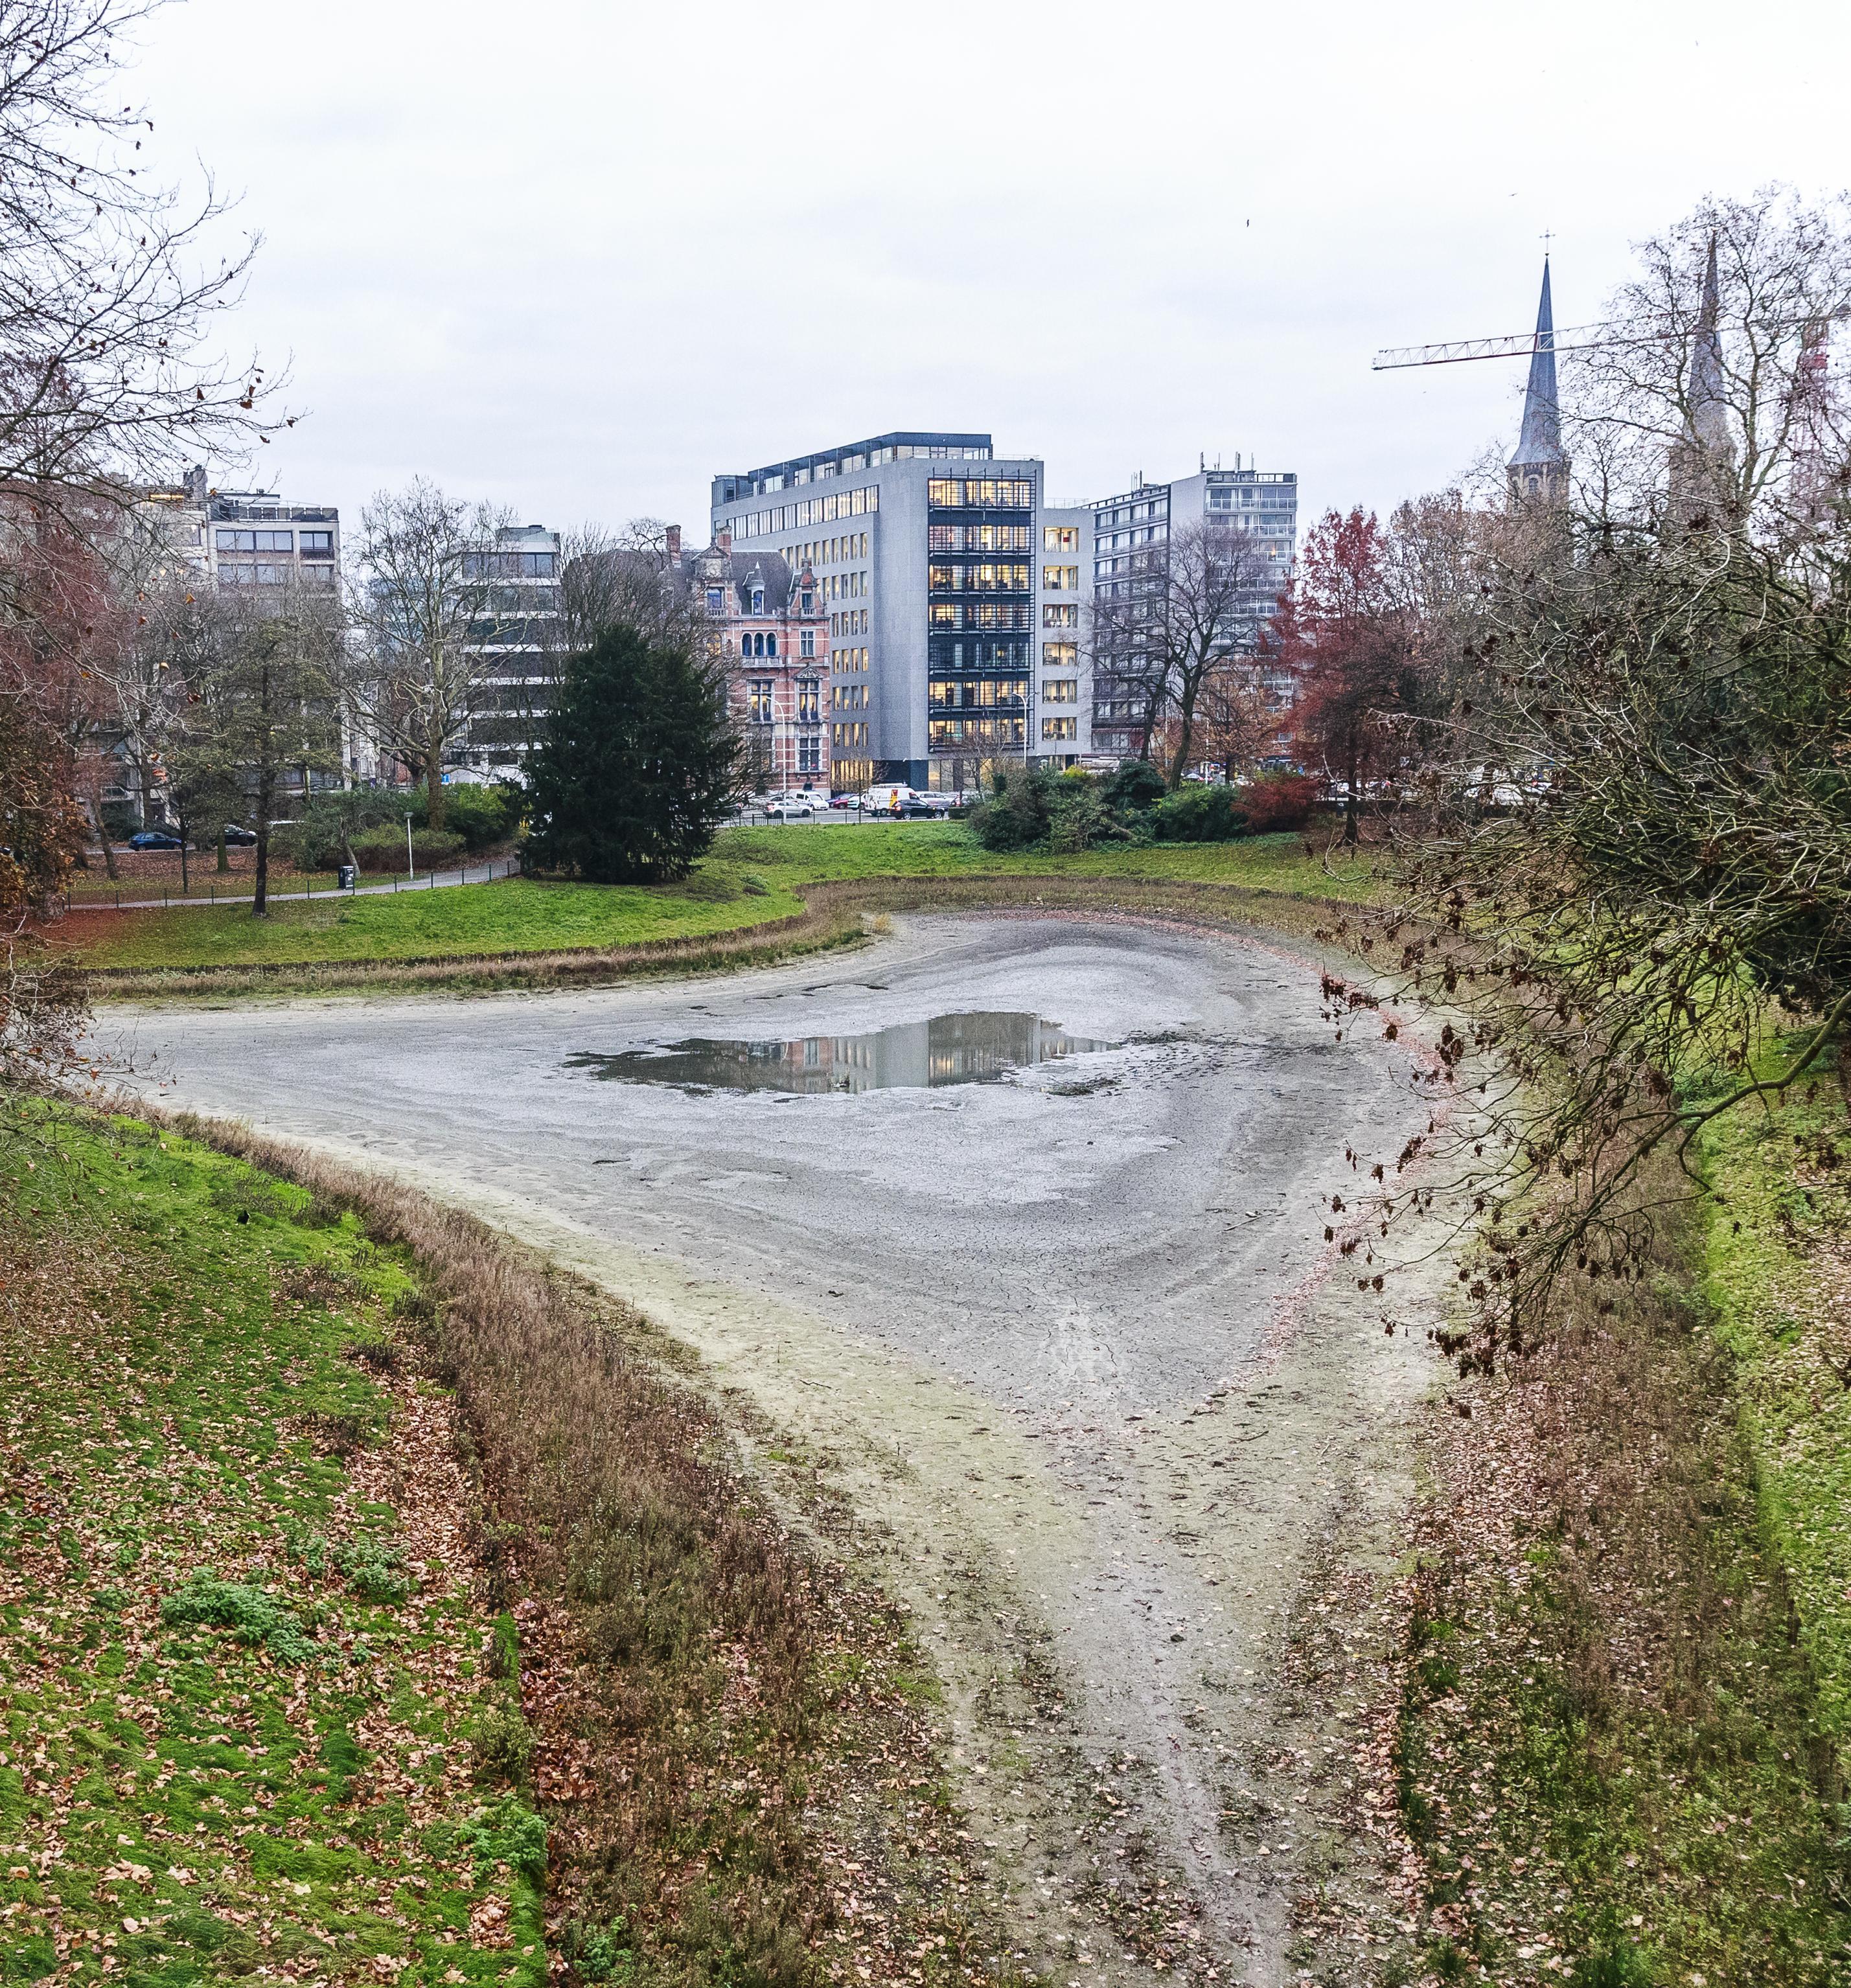 Extra Regenwater Voor Vijver Stadspark Antwerpen Het Nieuwsblad Mobile